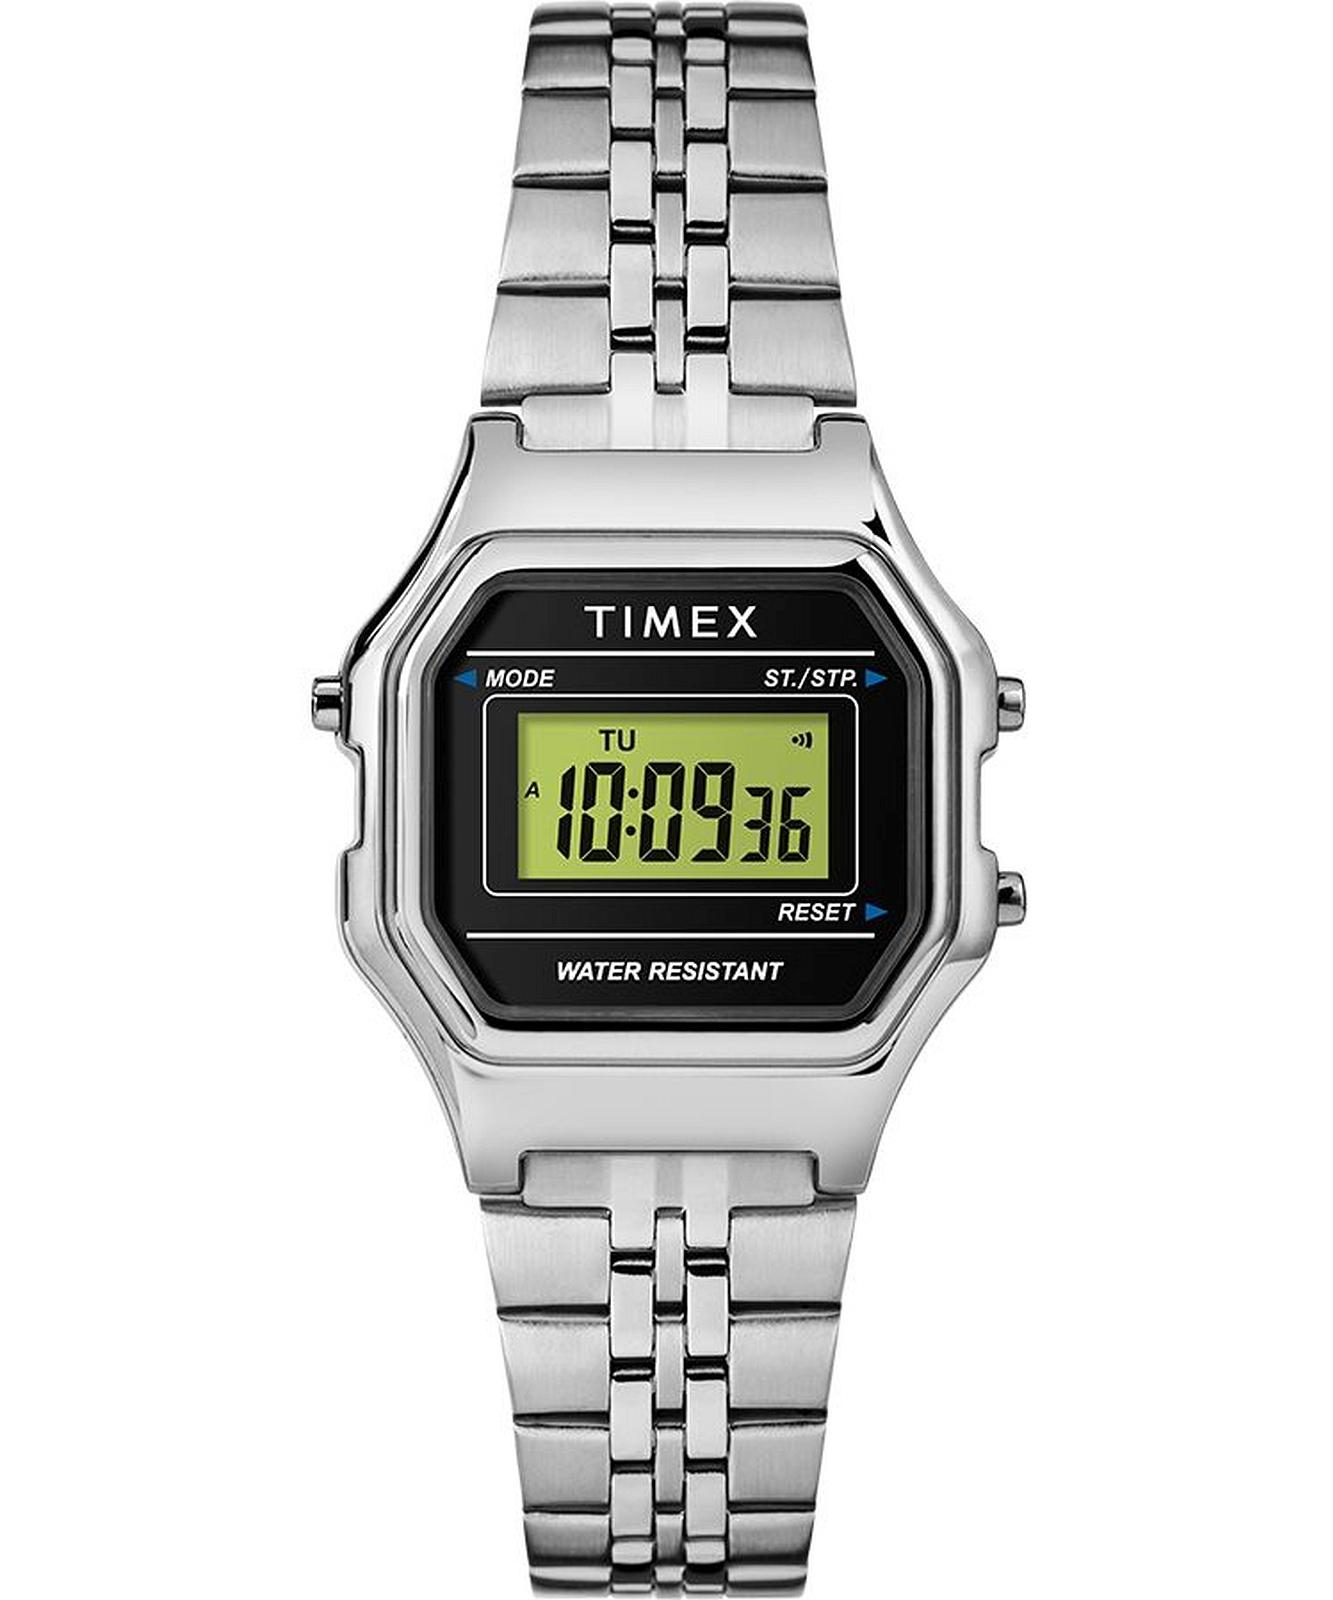 Timex TW2T48600 > Wysyłka tego samego dnia Grawer 0zł Darmowa dostawa Kurierem/Inpost Darmowy zwrot przez 100 DNI